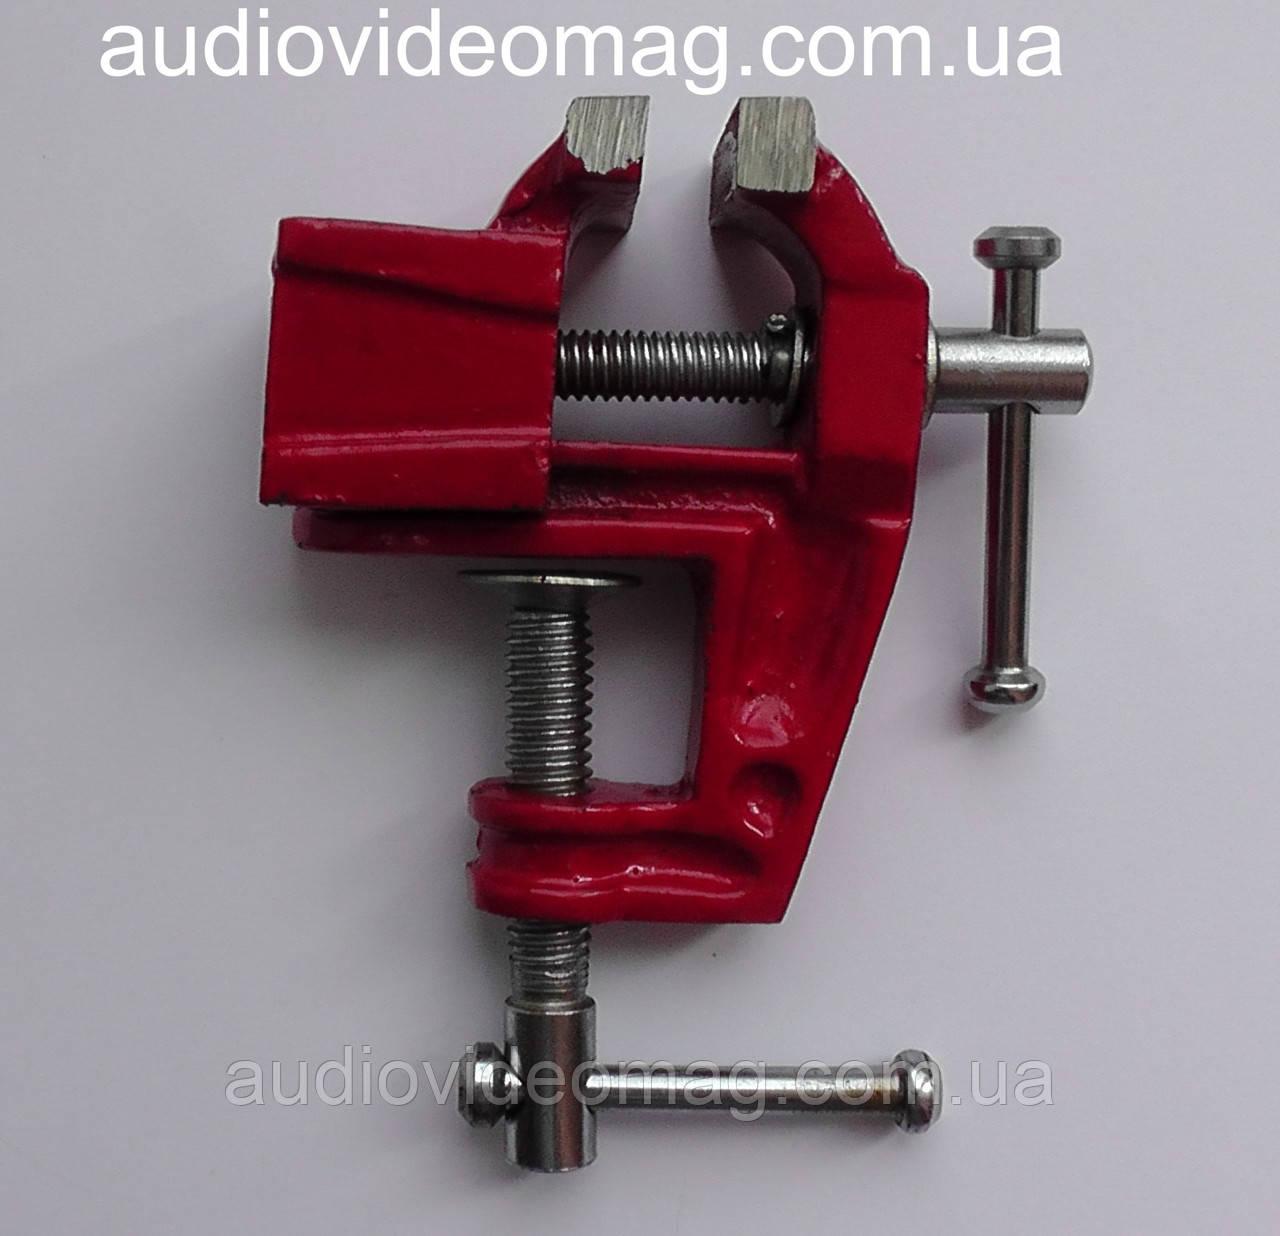 Мини тиски слесарные неповоротные, ширина губок 40 мм